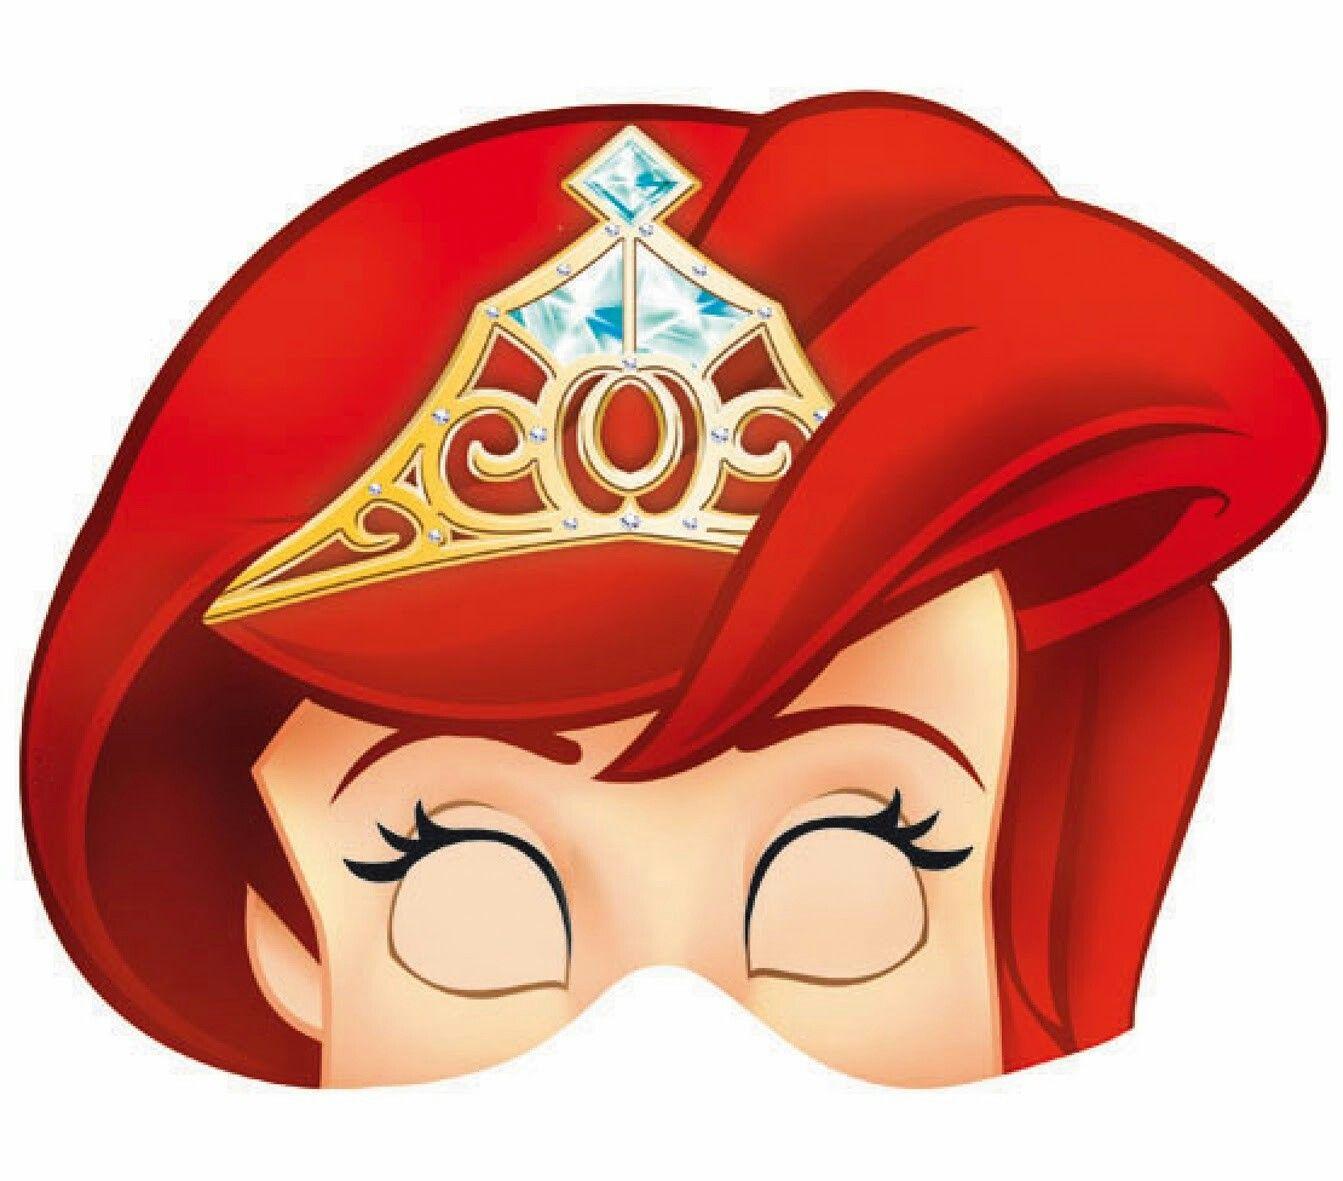 Pin By Katarzyna On Ksiezniczki Ariel Birthday Party Disney Princess Party Mermaid Printables